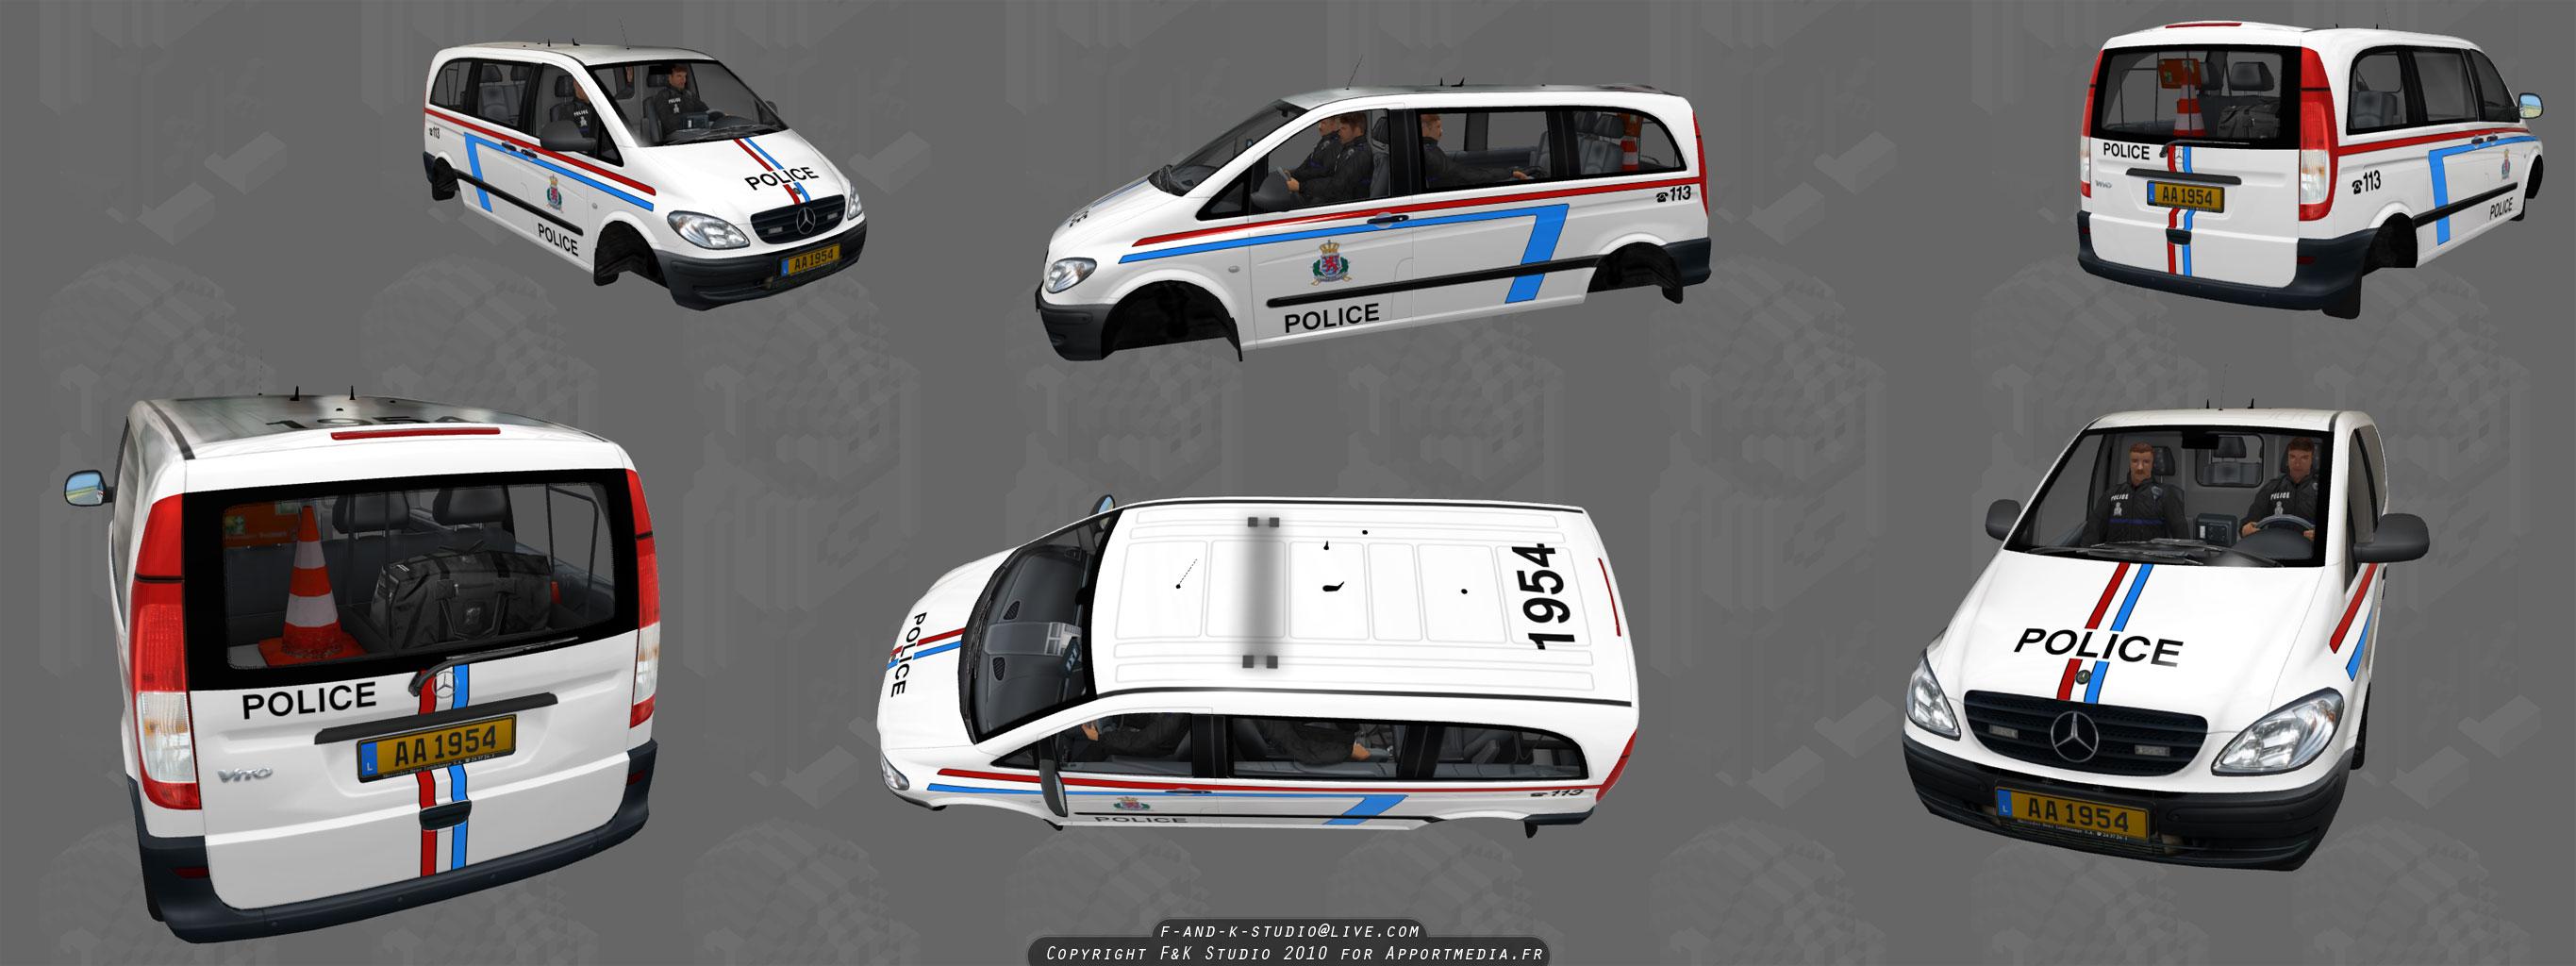 Luxmmbourg Police Van